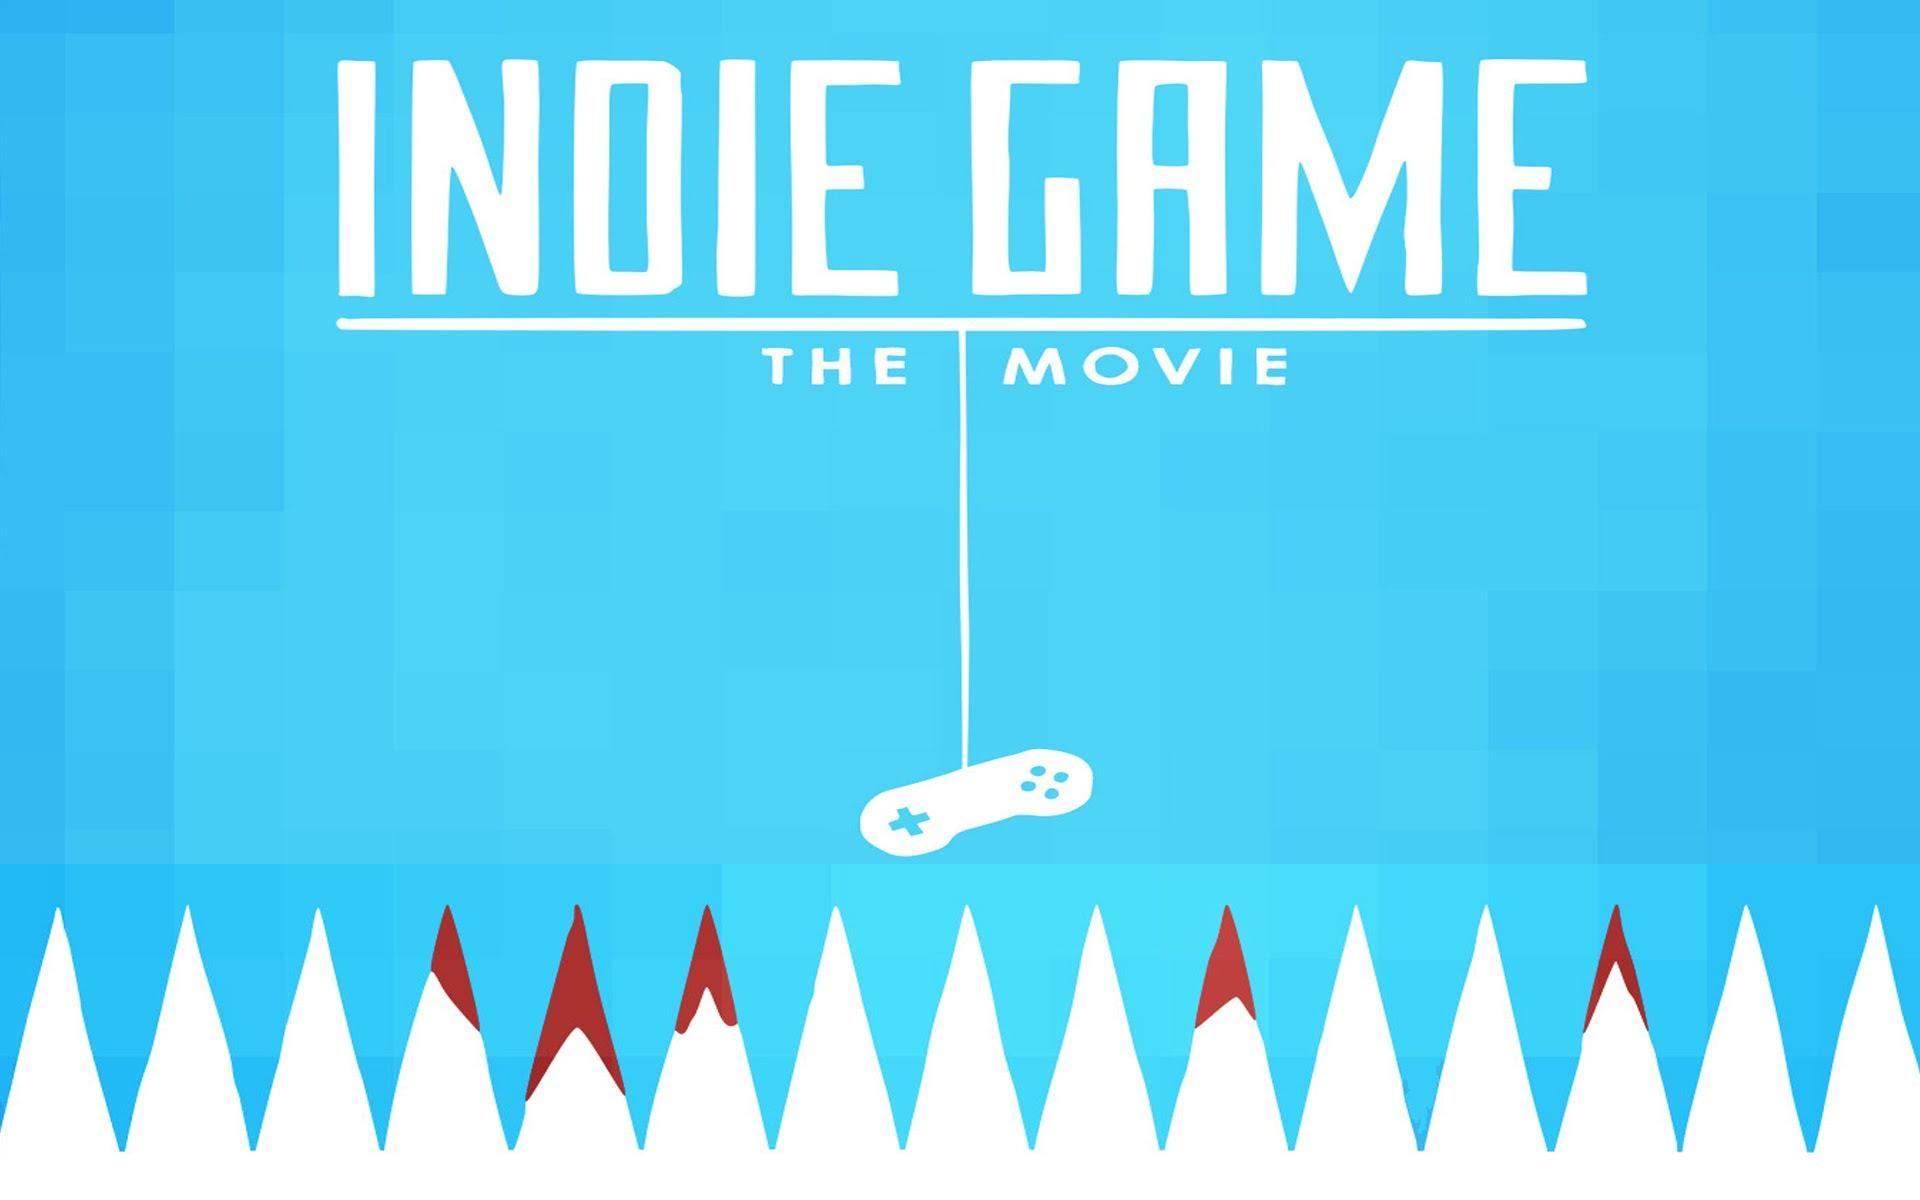 سه مستند جذاب نماوا دربارهی بازیهای ویدیویی